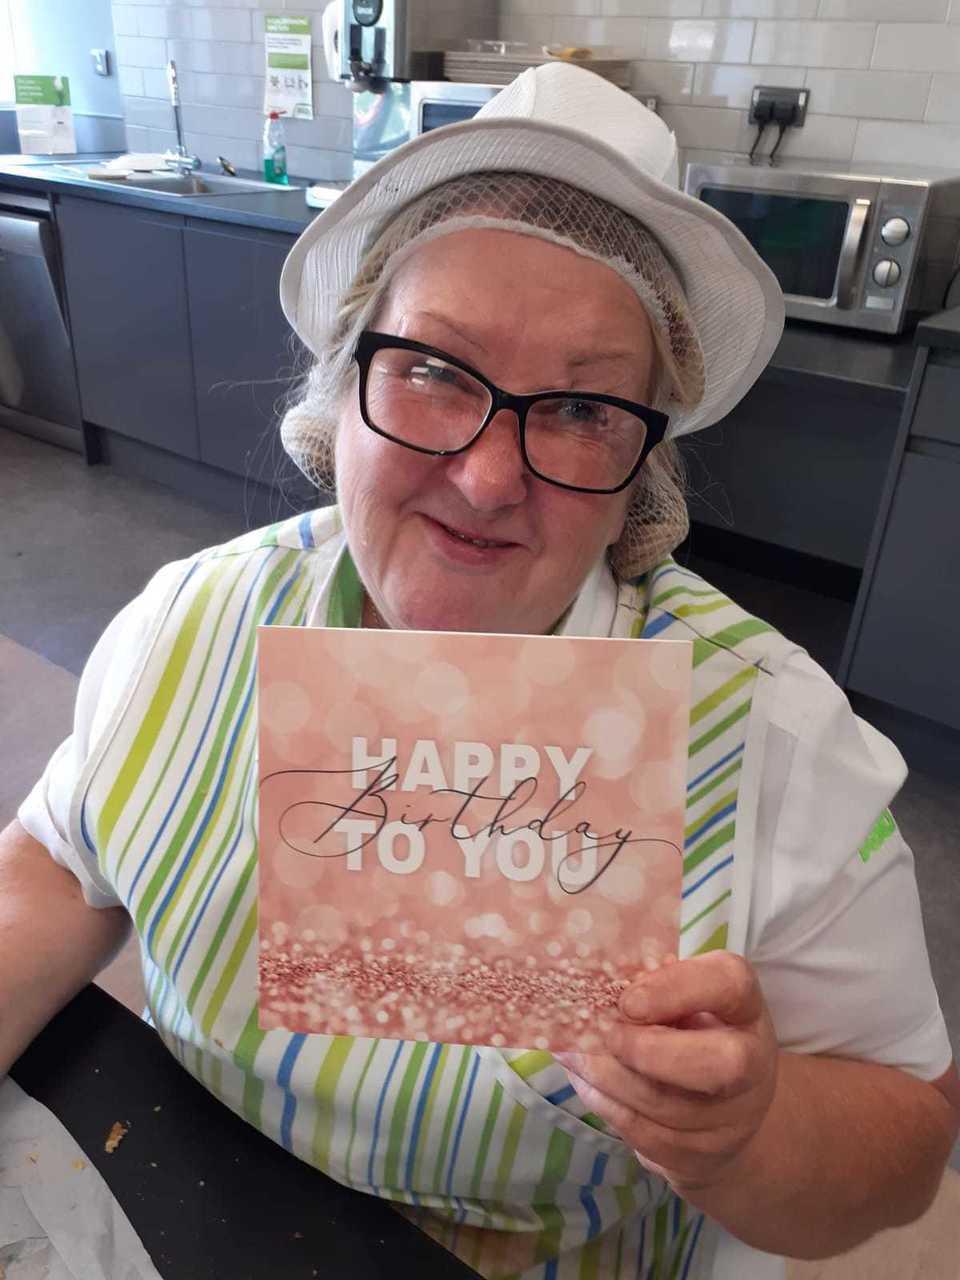 Blantyre's Birthday Wishes 🌈 | Asda Blantyre